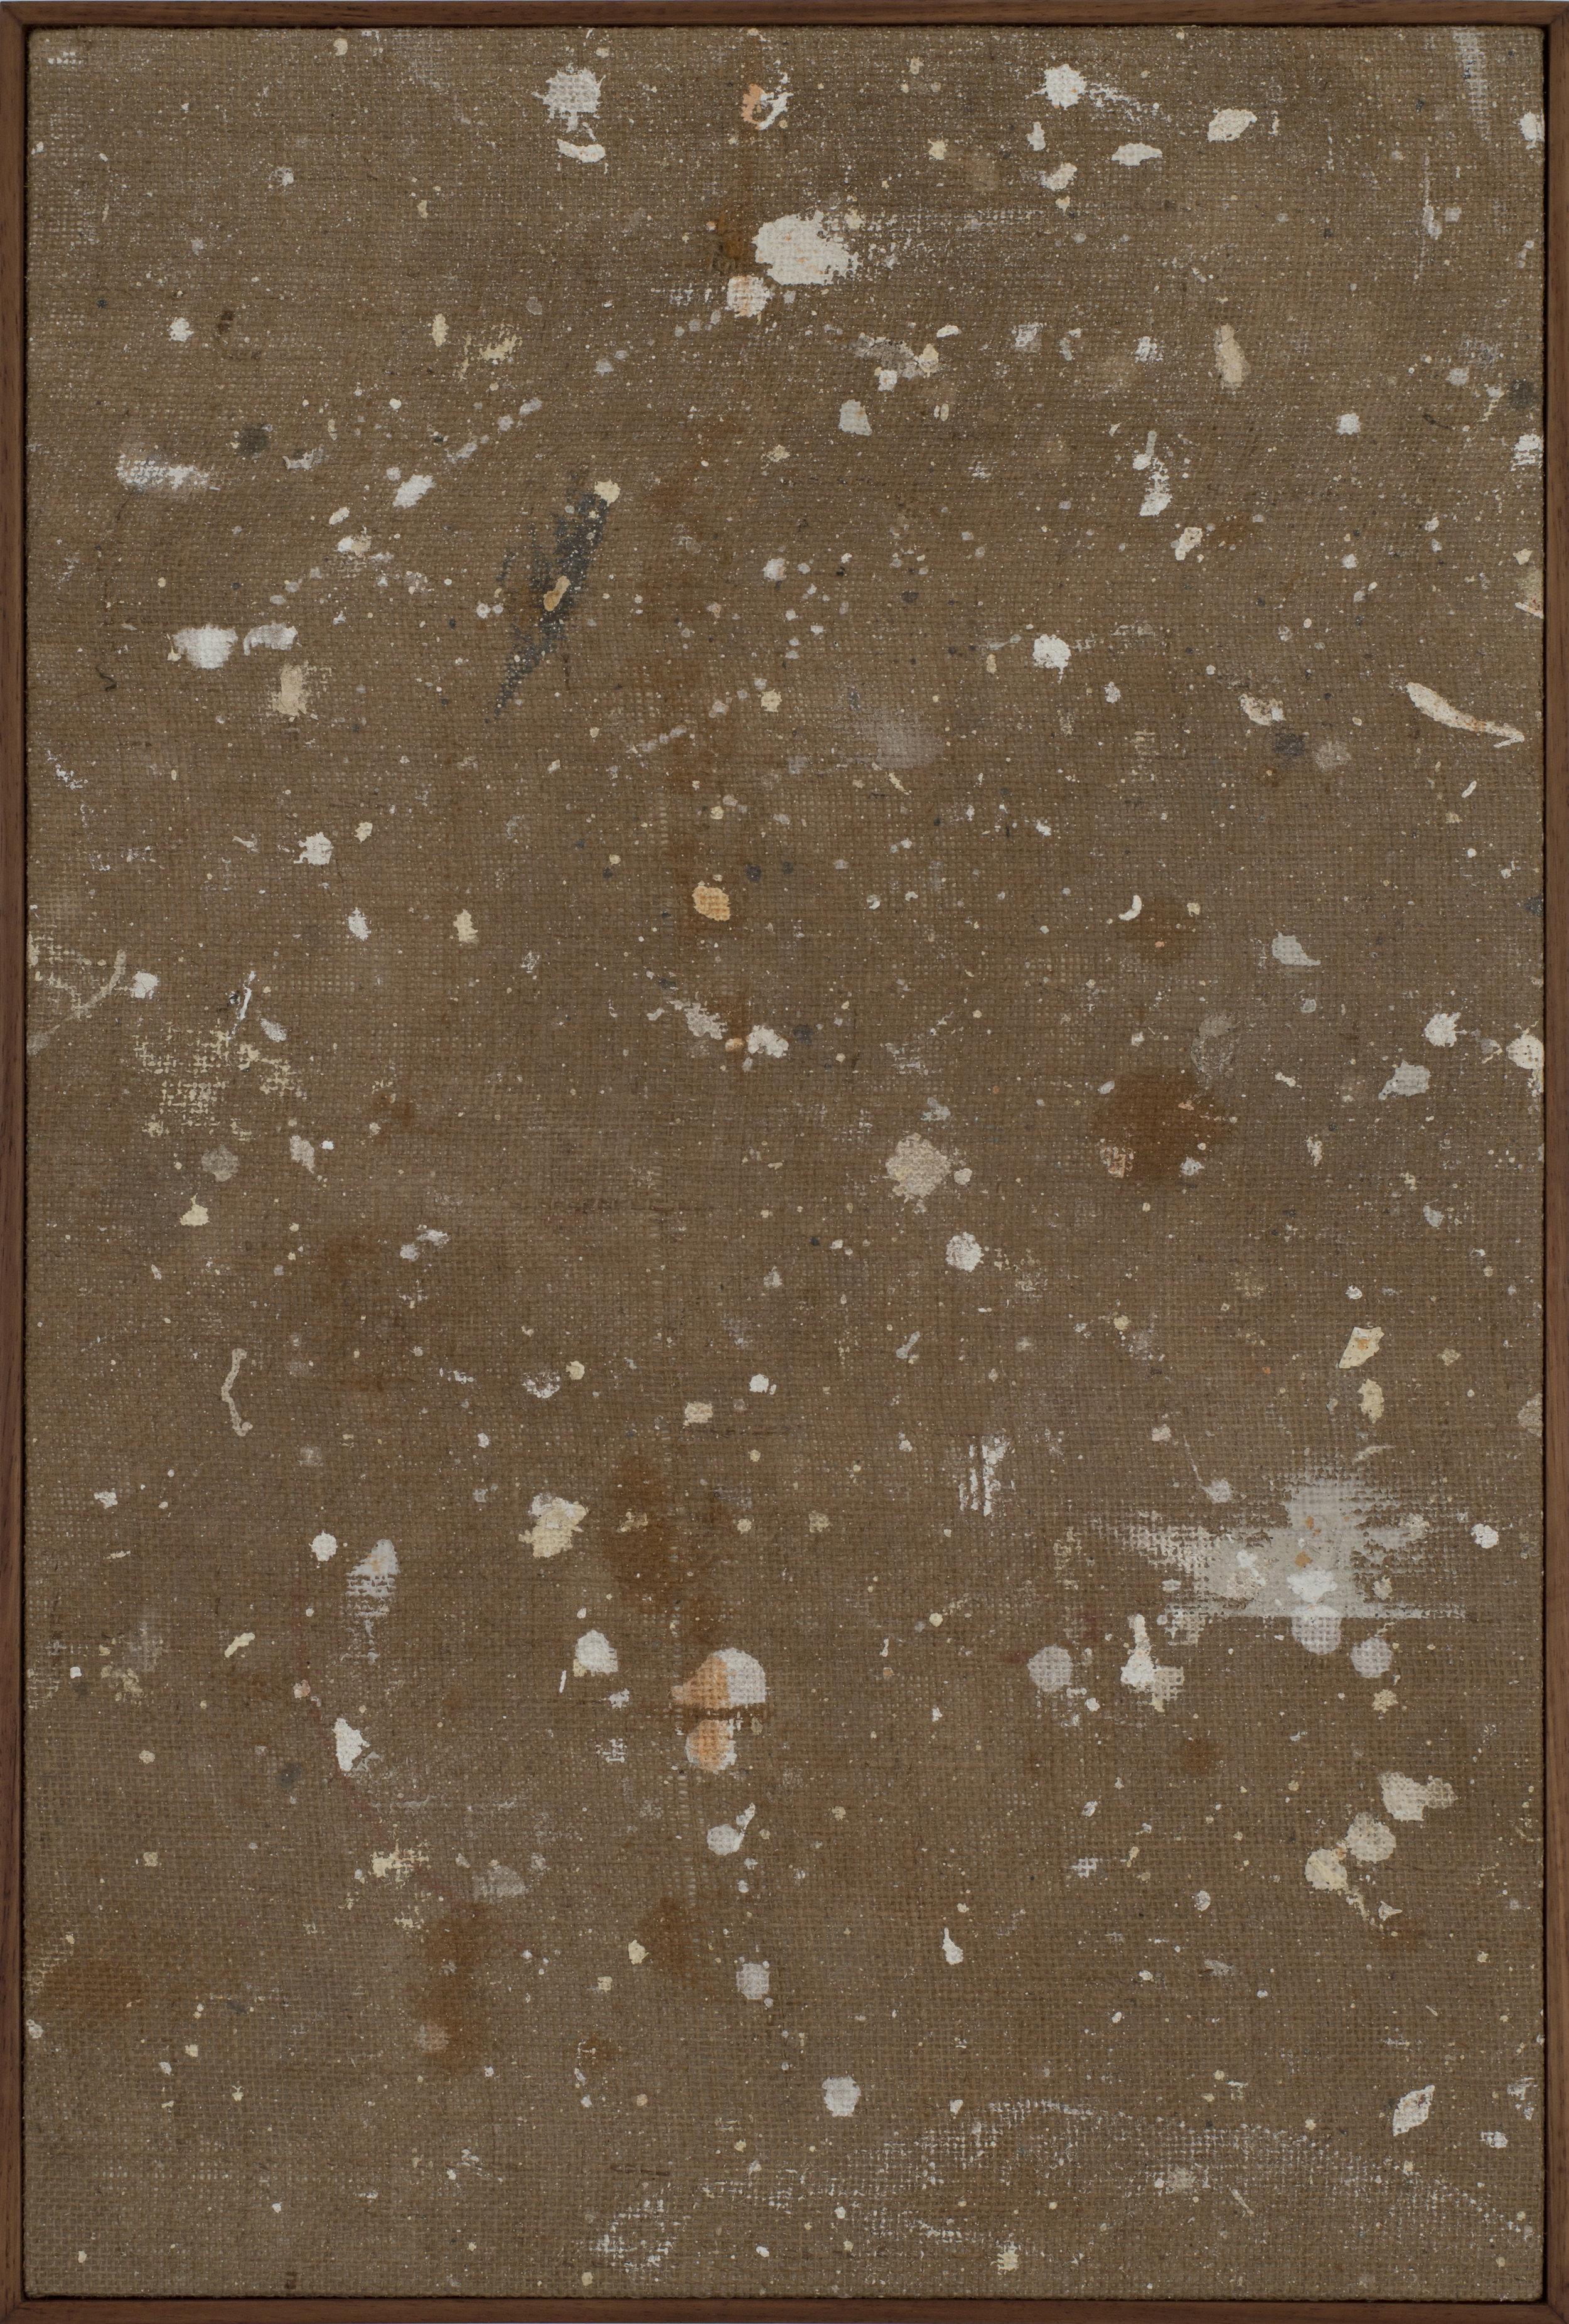 Rory Emmett, Untitled, 99 Loop Gallery.